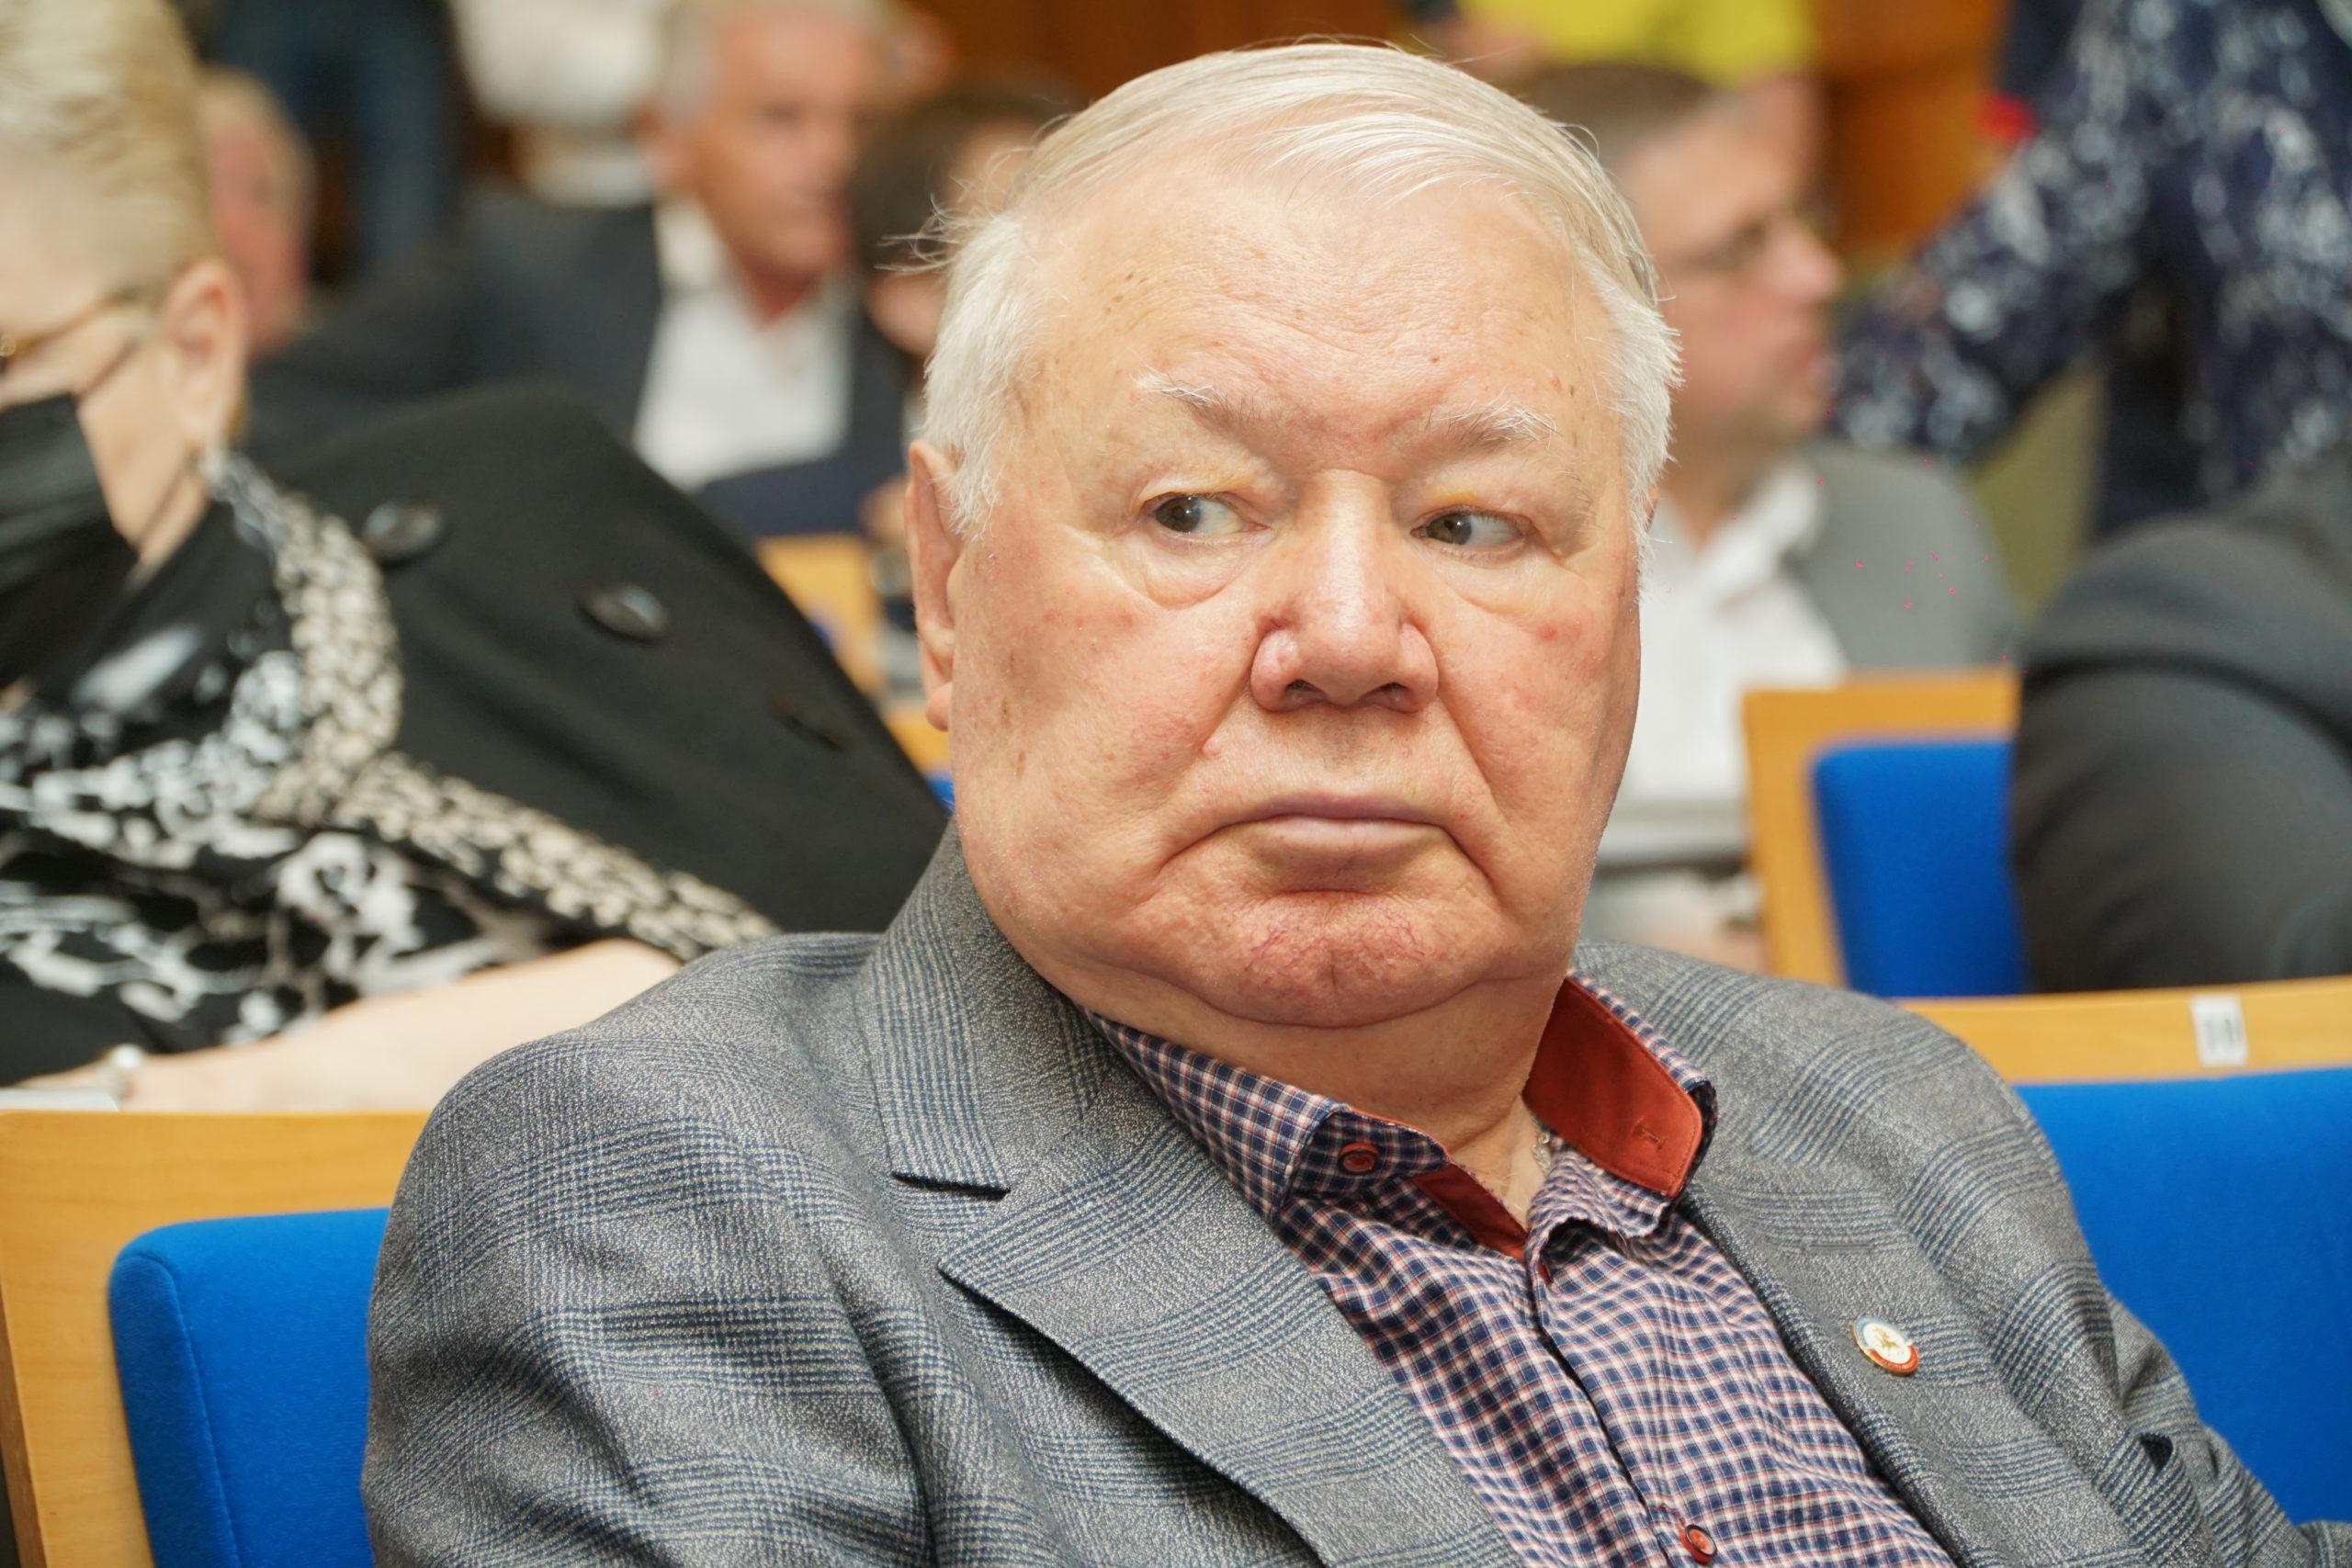 Председатель ОП РК об иностранных делегатах, приехавших на крымские выборы: «На Западе есть немало наших друзей»